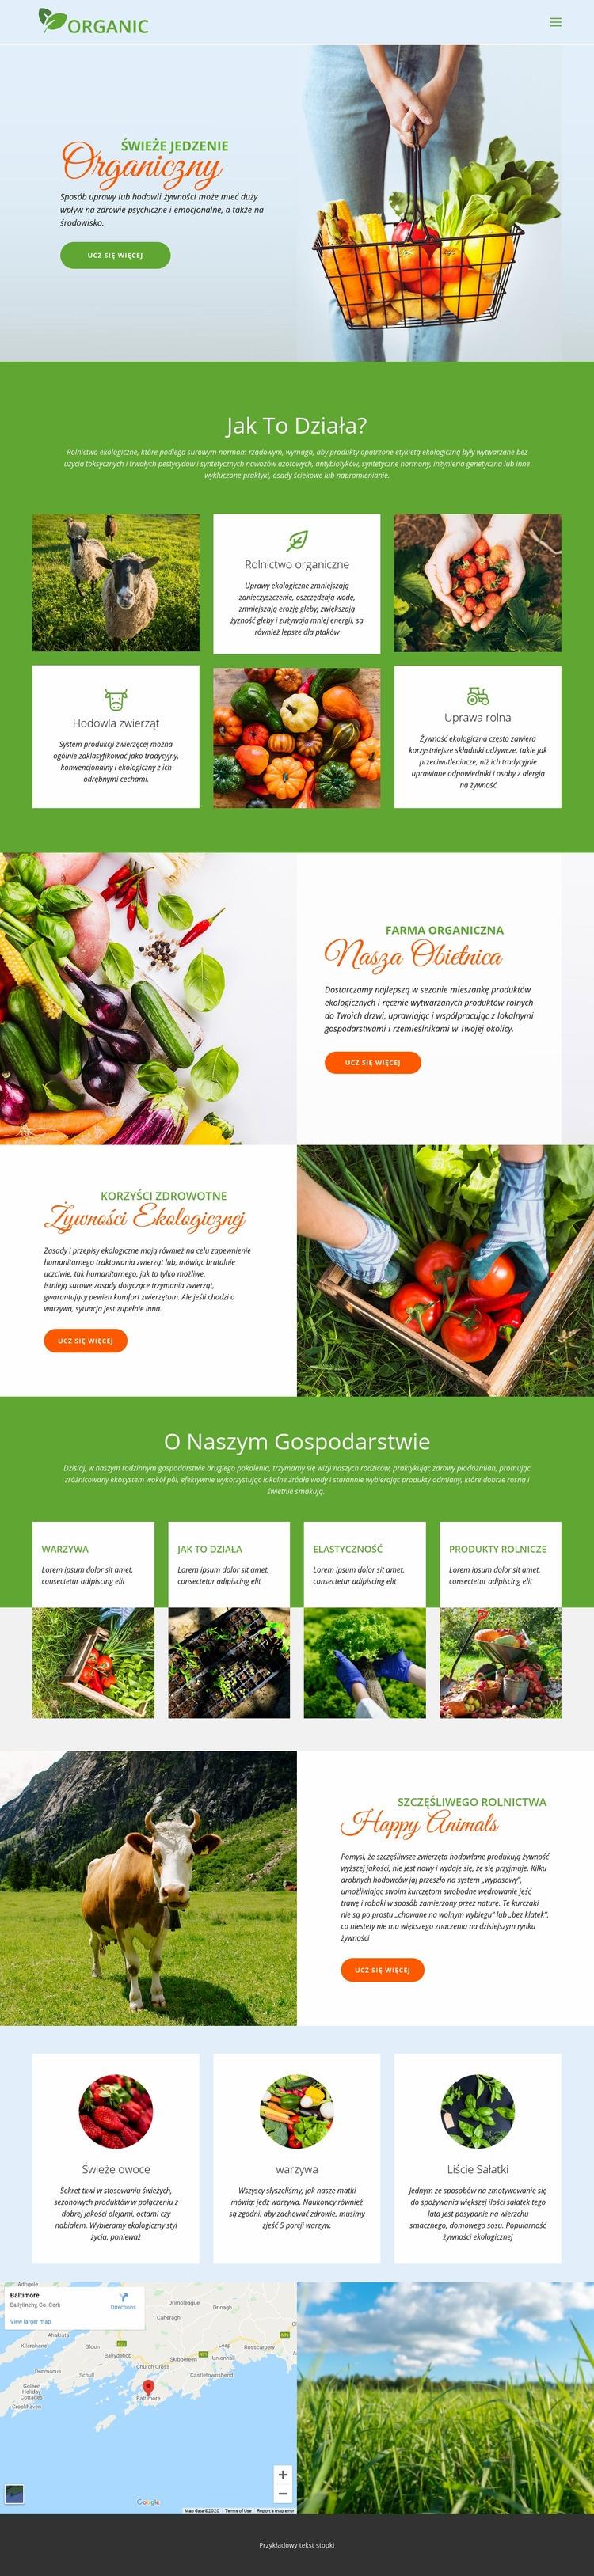 Jedz najlepsze organiczne jedzenie Szablon witryny sieci Web